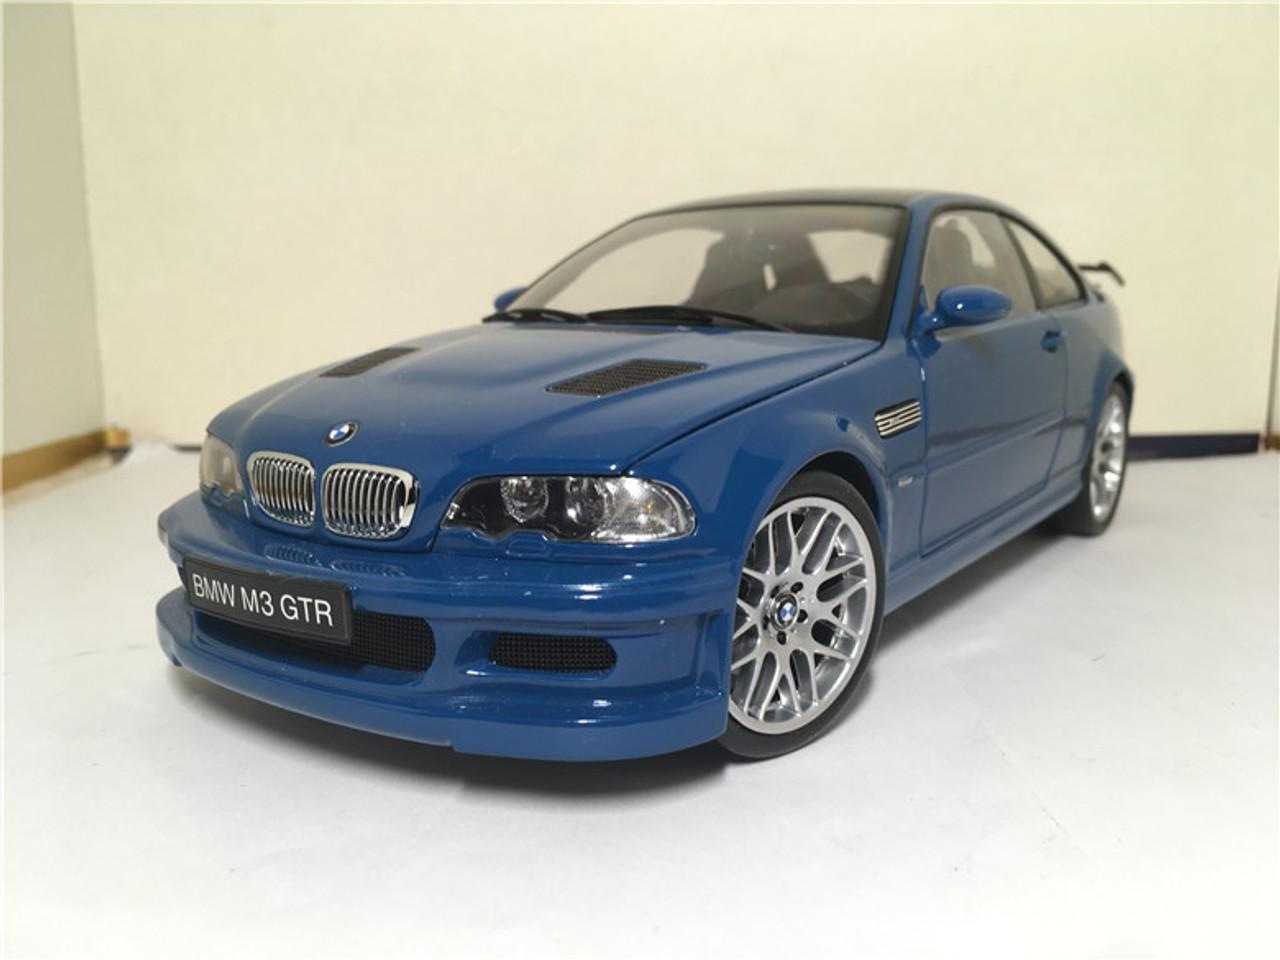 Rare 1 18 Kyosho Bmw E46 M3 Gtr Blue Diecast Model